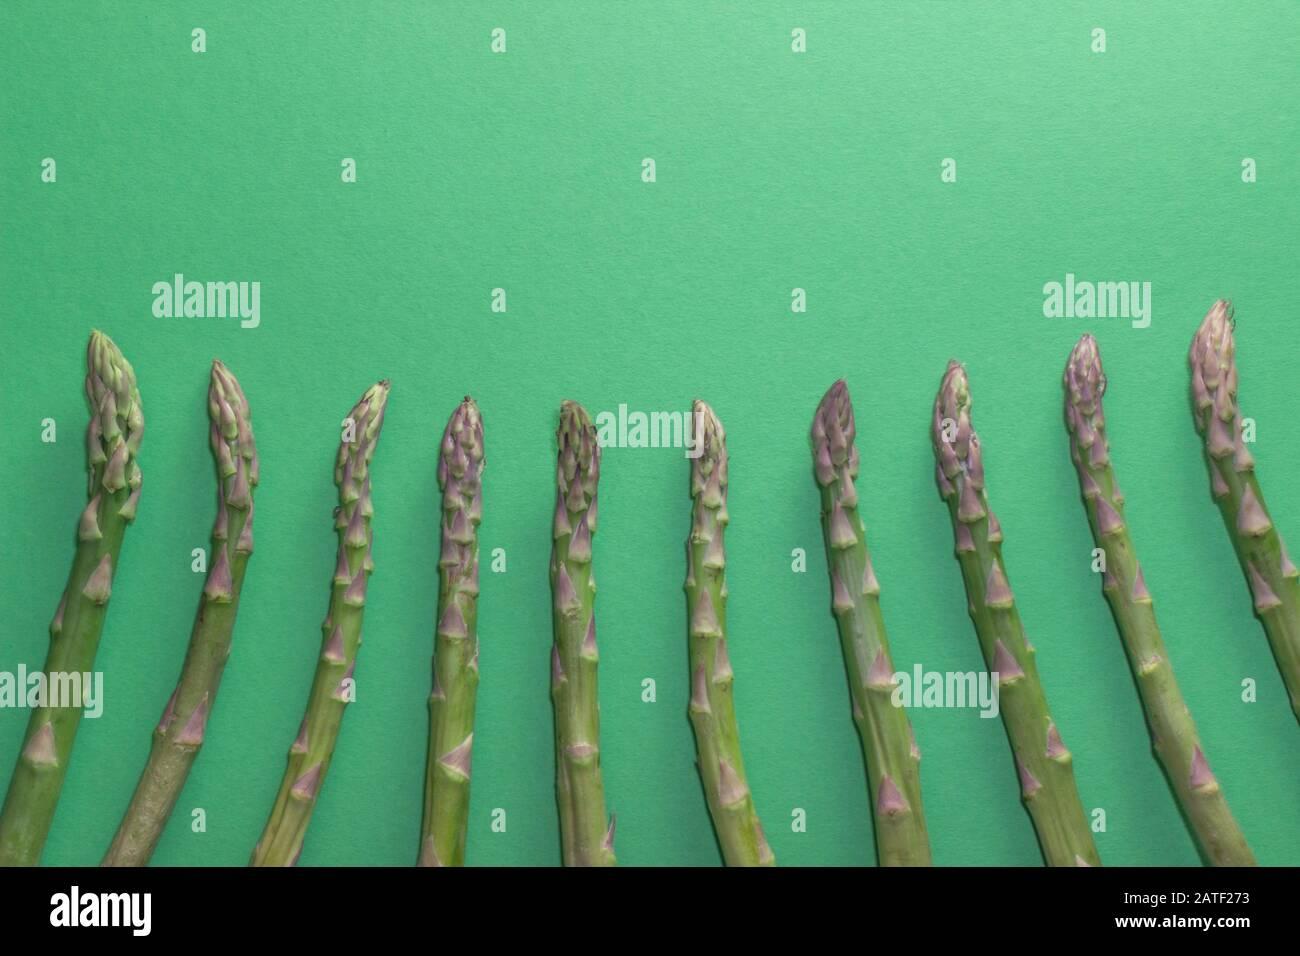 Asperges vertes brutes et saines sur fond vert. Detox et concept de super-alimentation. Banque D'Images